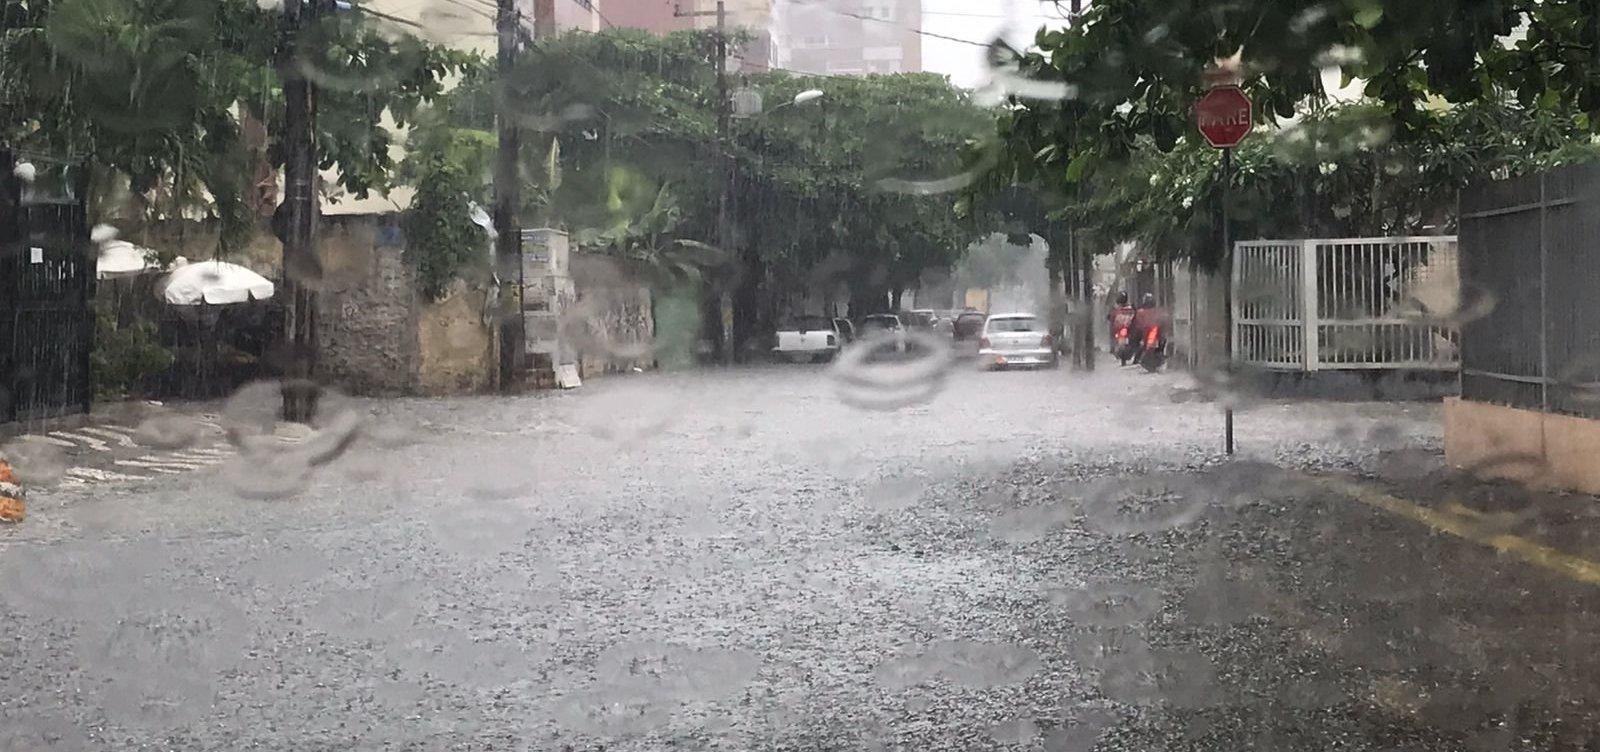 Ao menos 5 bairros têm energia elétrica interrompida por causa da chuva em Salvador